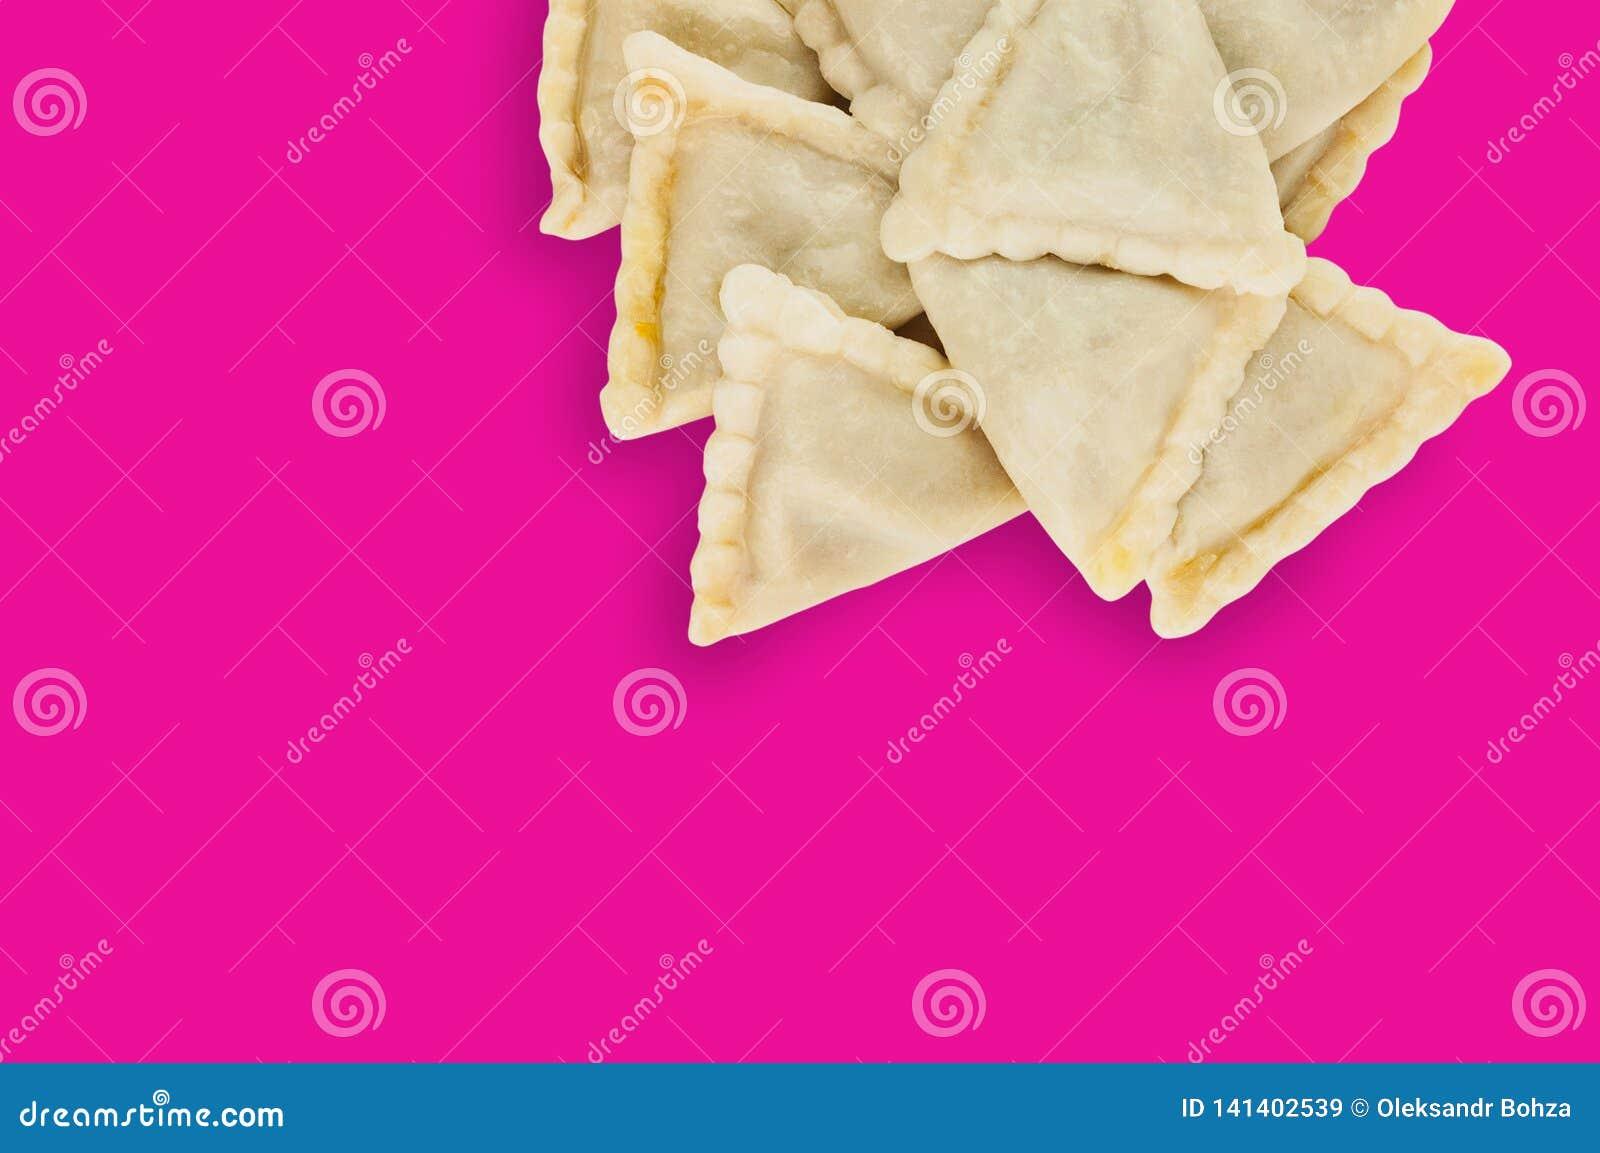 Jeden rozsypisko przygotowany vareniki z serem, mięsem lub kapustą na różowym tle gruli lub chałupy